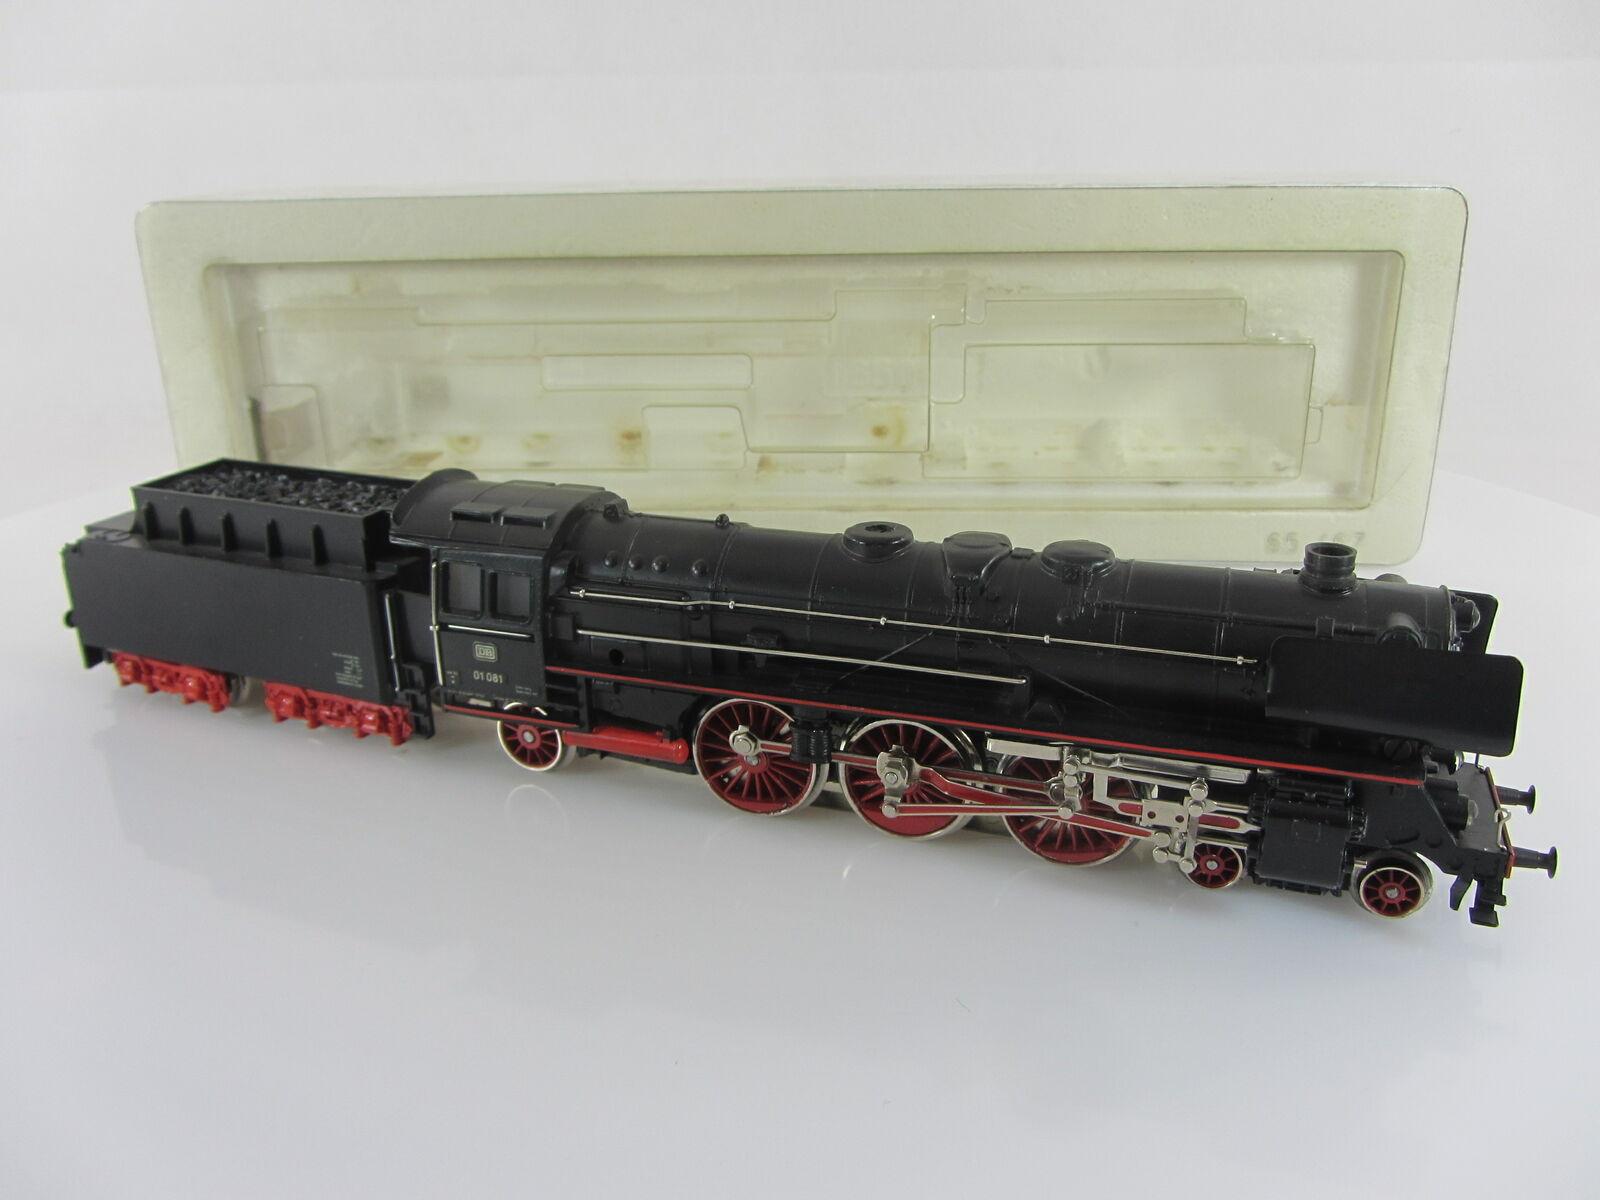 Primex 3193 Dampflok Br 01 081 sehr guter Zustand mit mit mit Styrophor-Verp.  | Düsseldorf Online Shop  9d7b8e